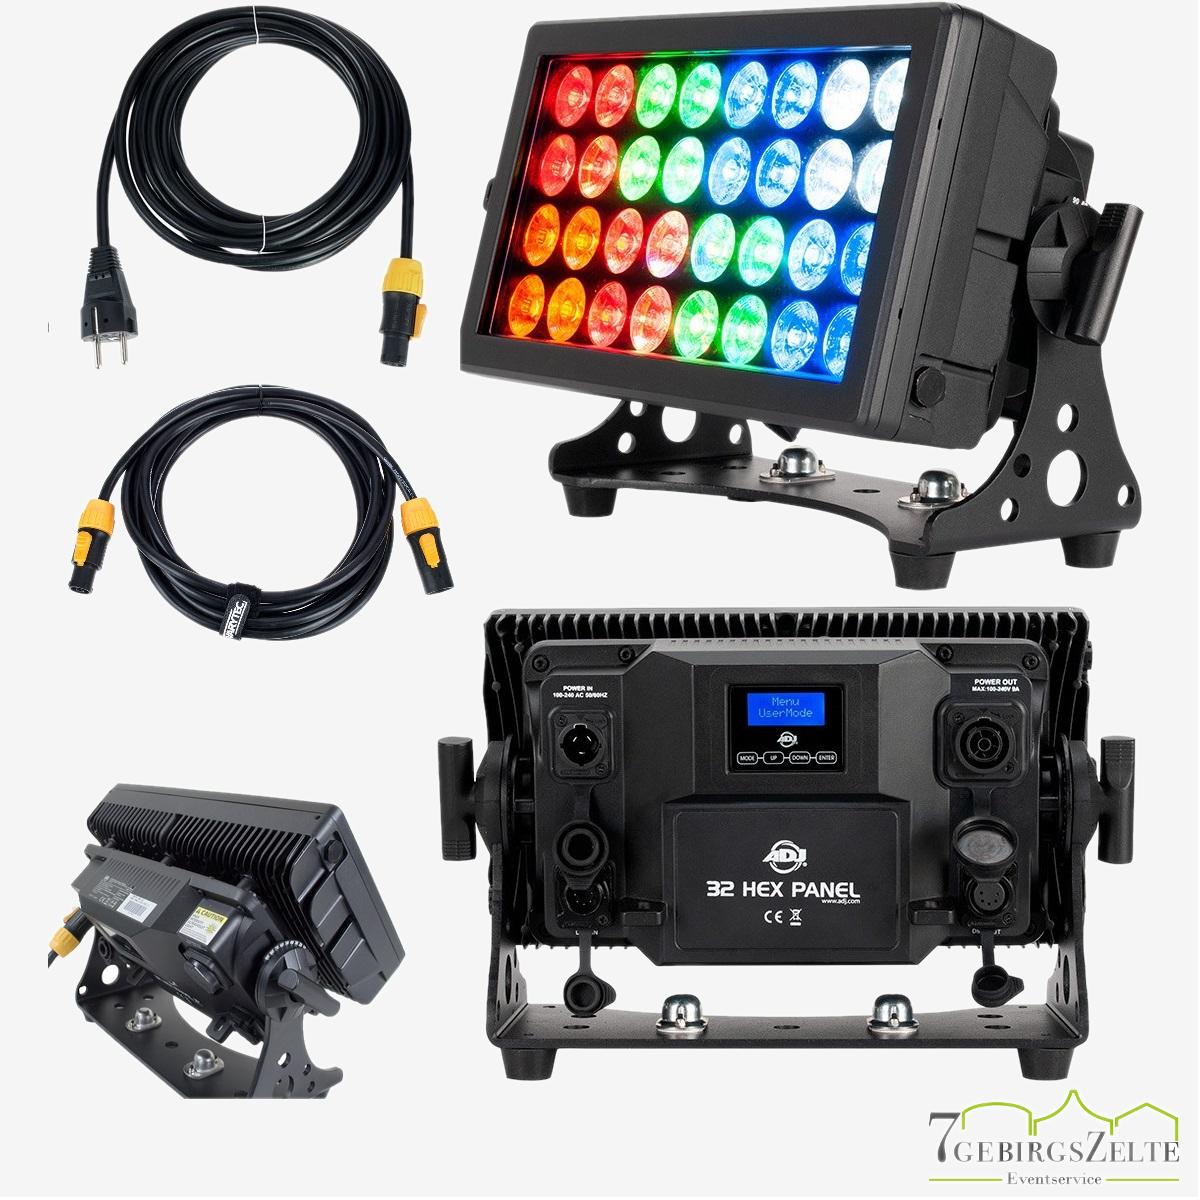 LED-Hochleistung-Fluter Washer RGBWA-UV